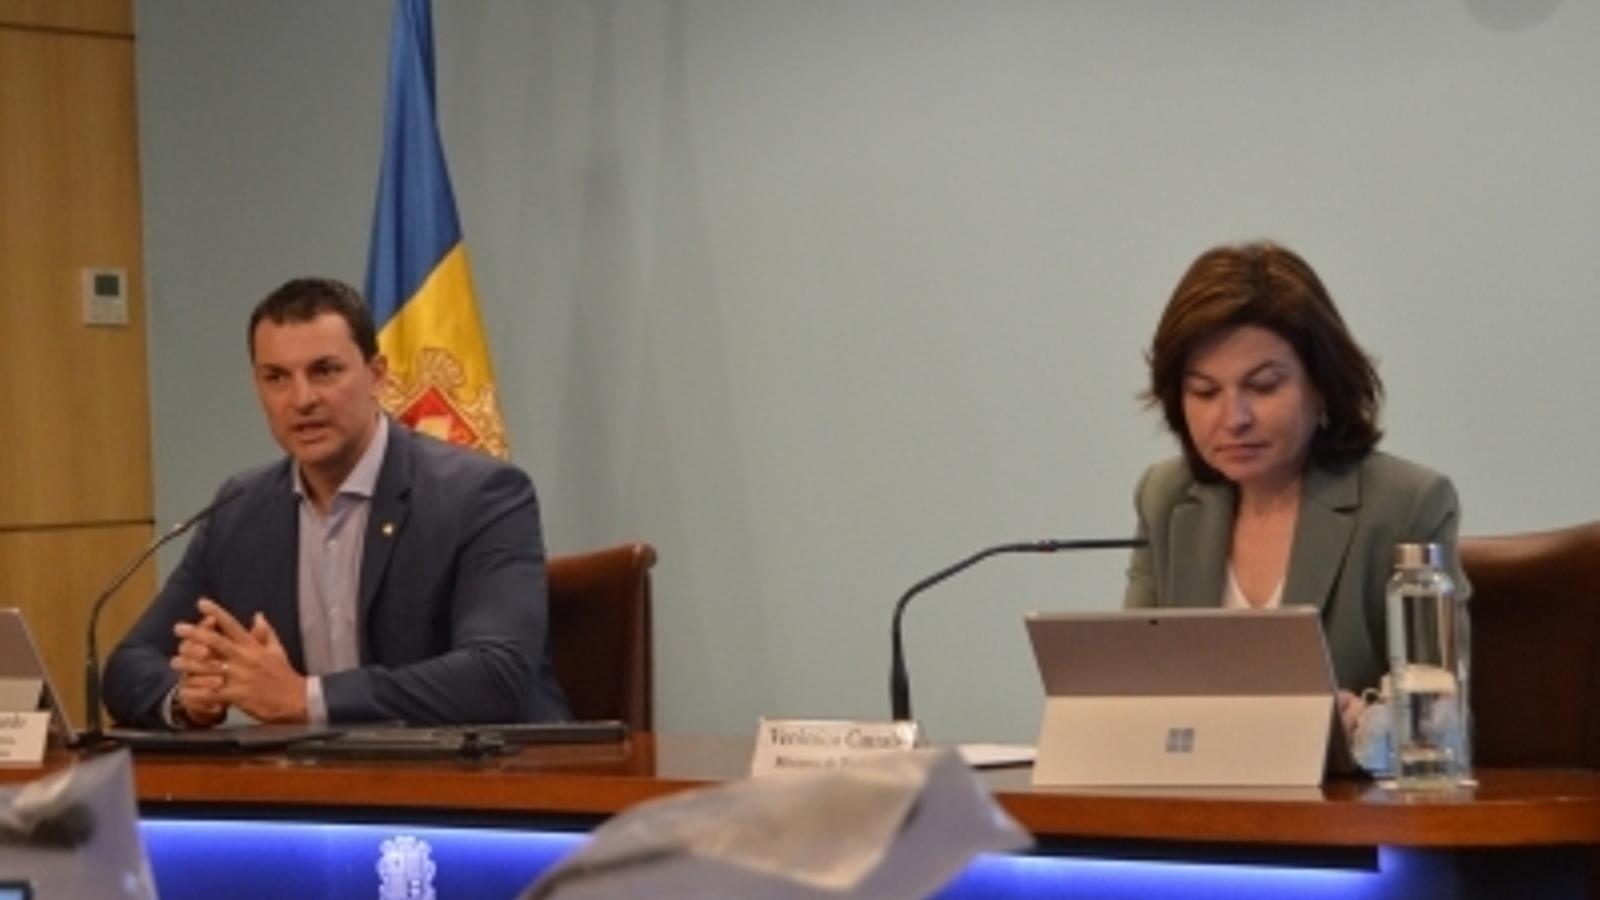 El ministre de Presidència, Economia i Empresa, Jordi Gallardo, i la de Turisme, Verònica Canals, durant la presentació de la campanya